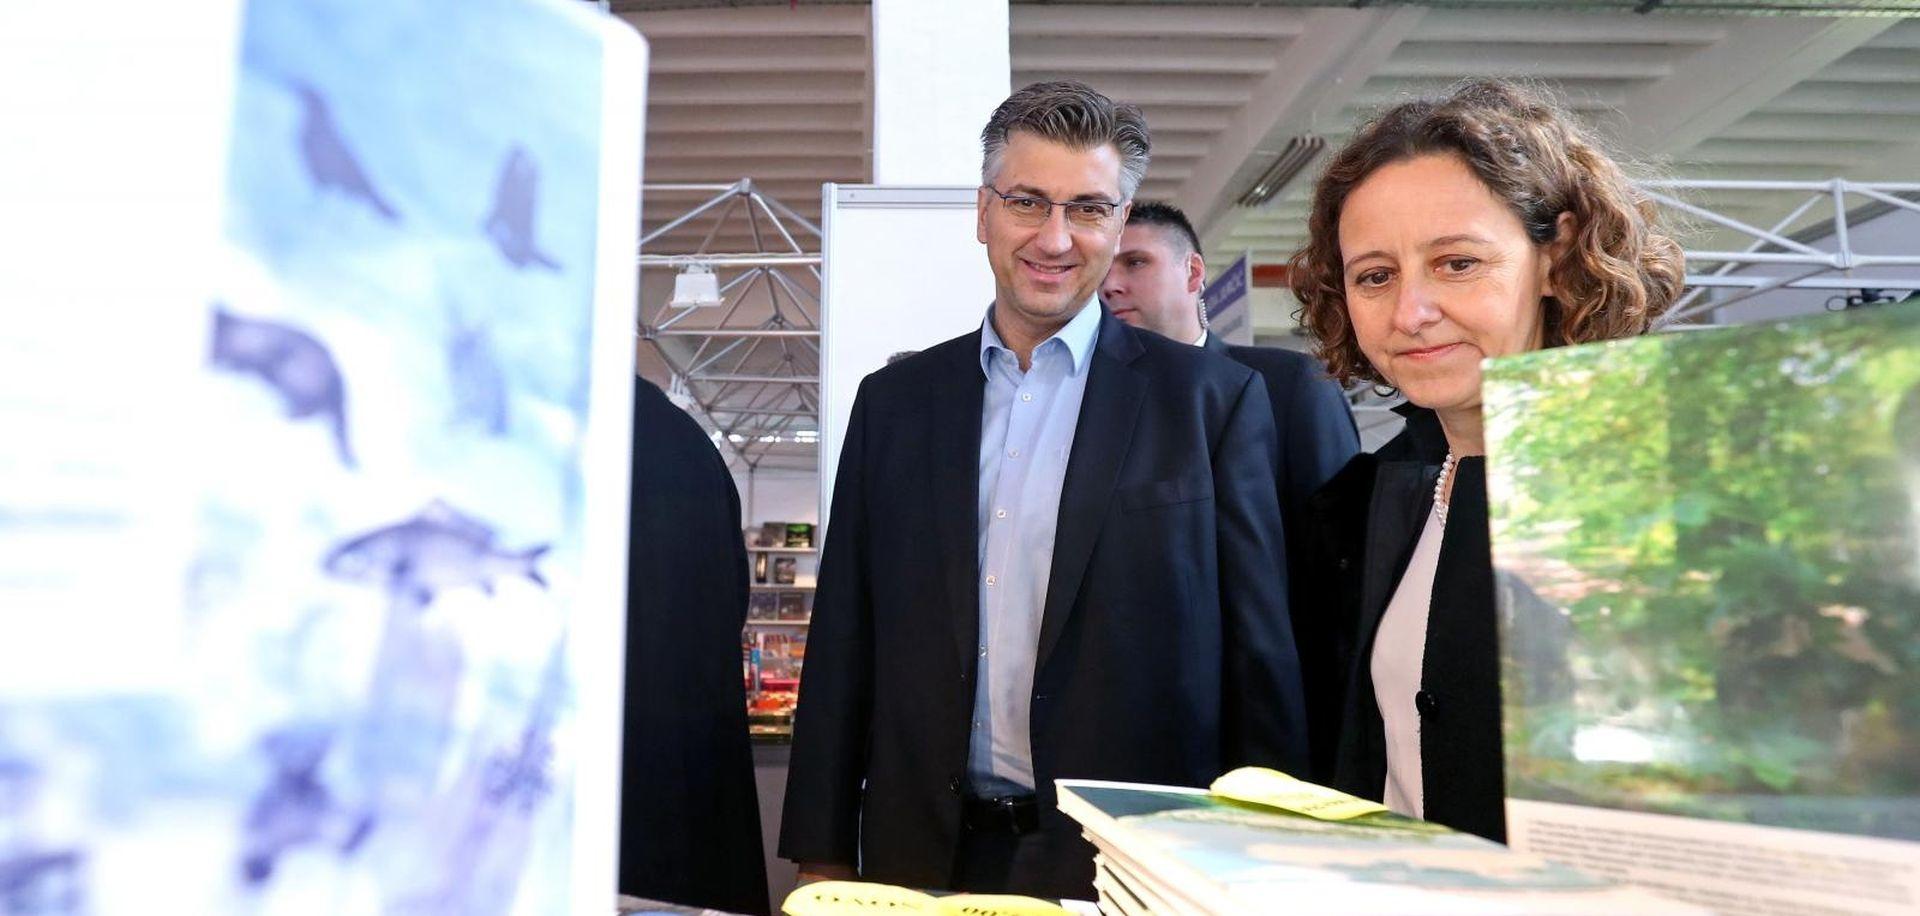 Zbog Europe premijer mora riješiti problem tužbi HRT-a